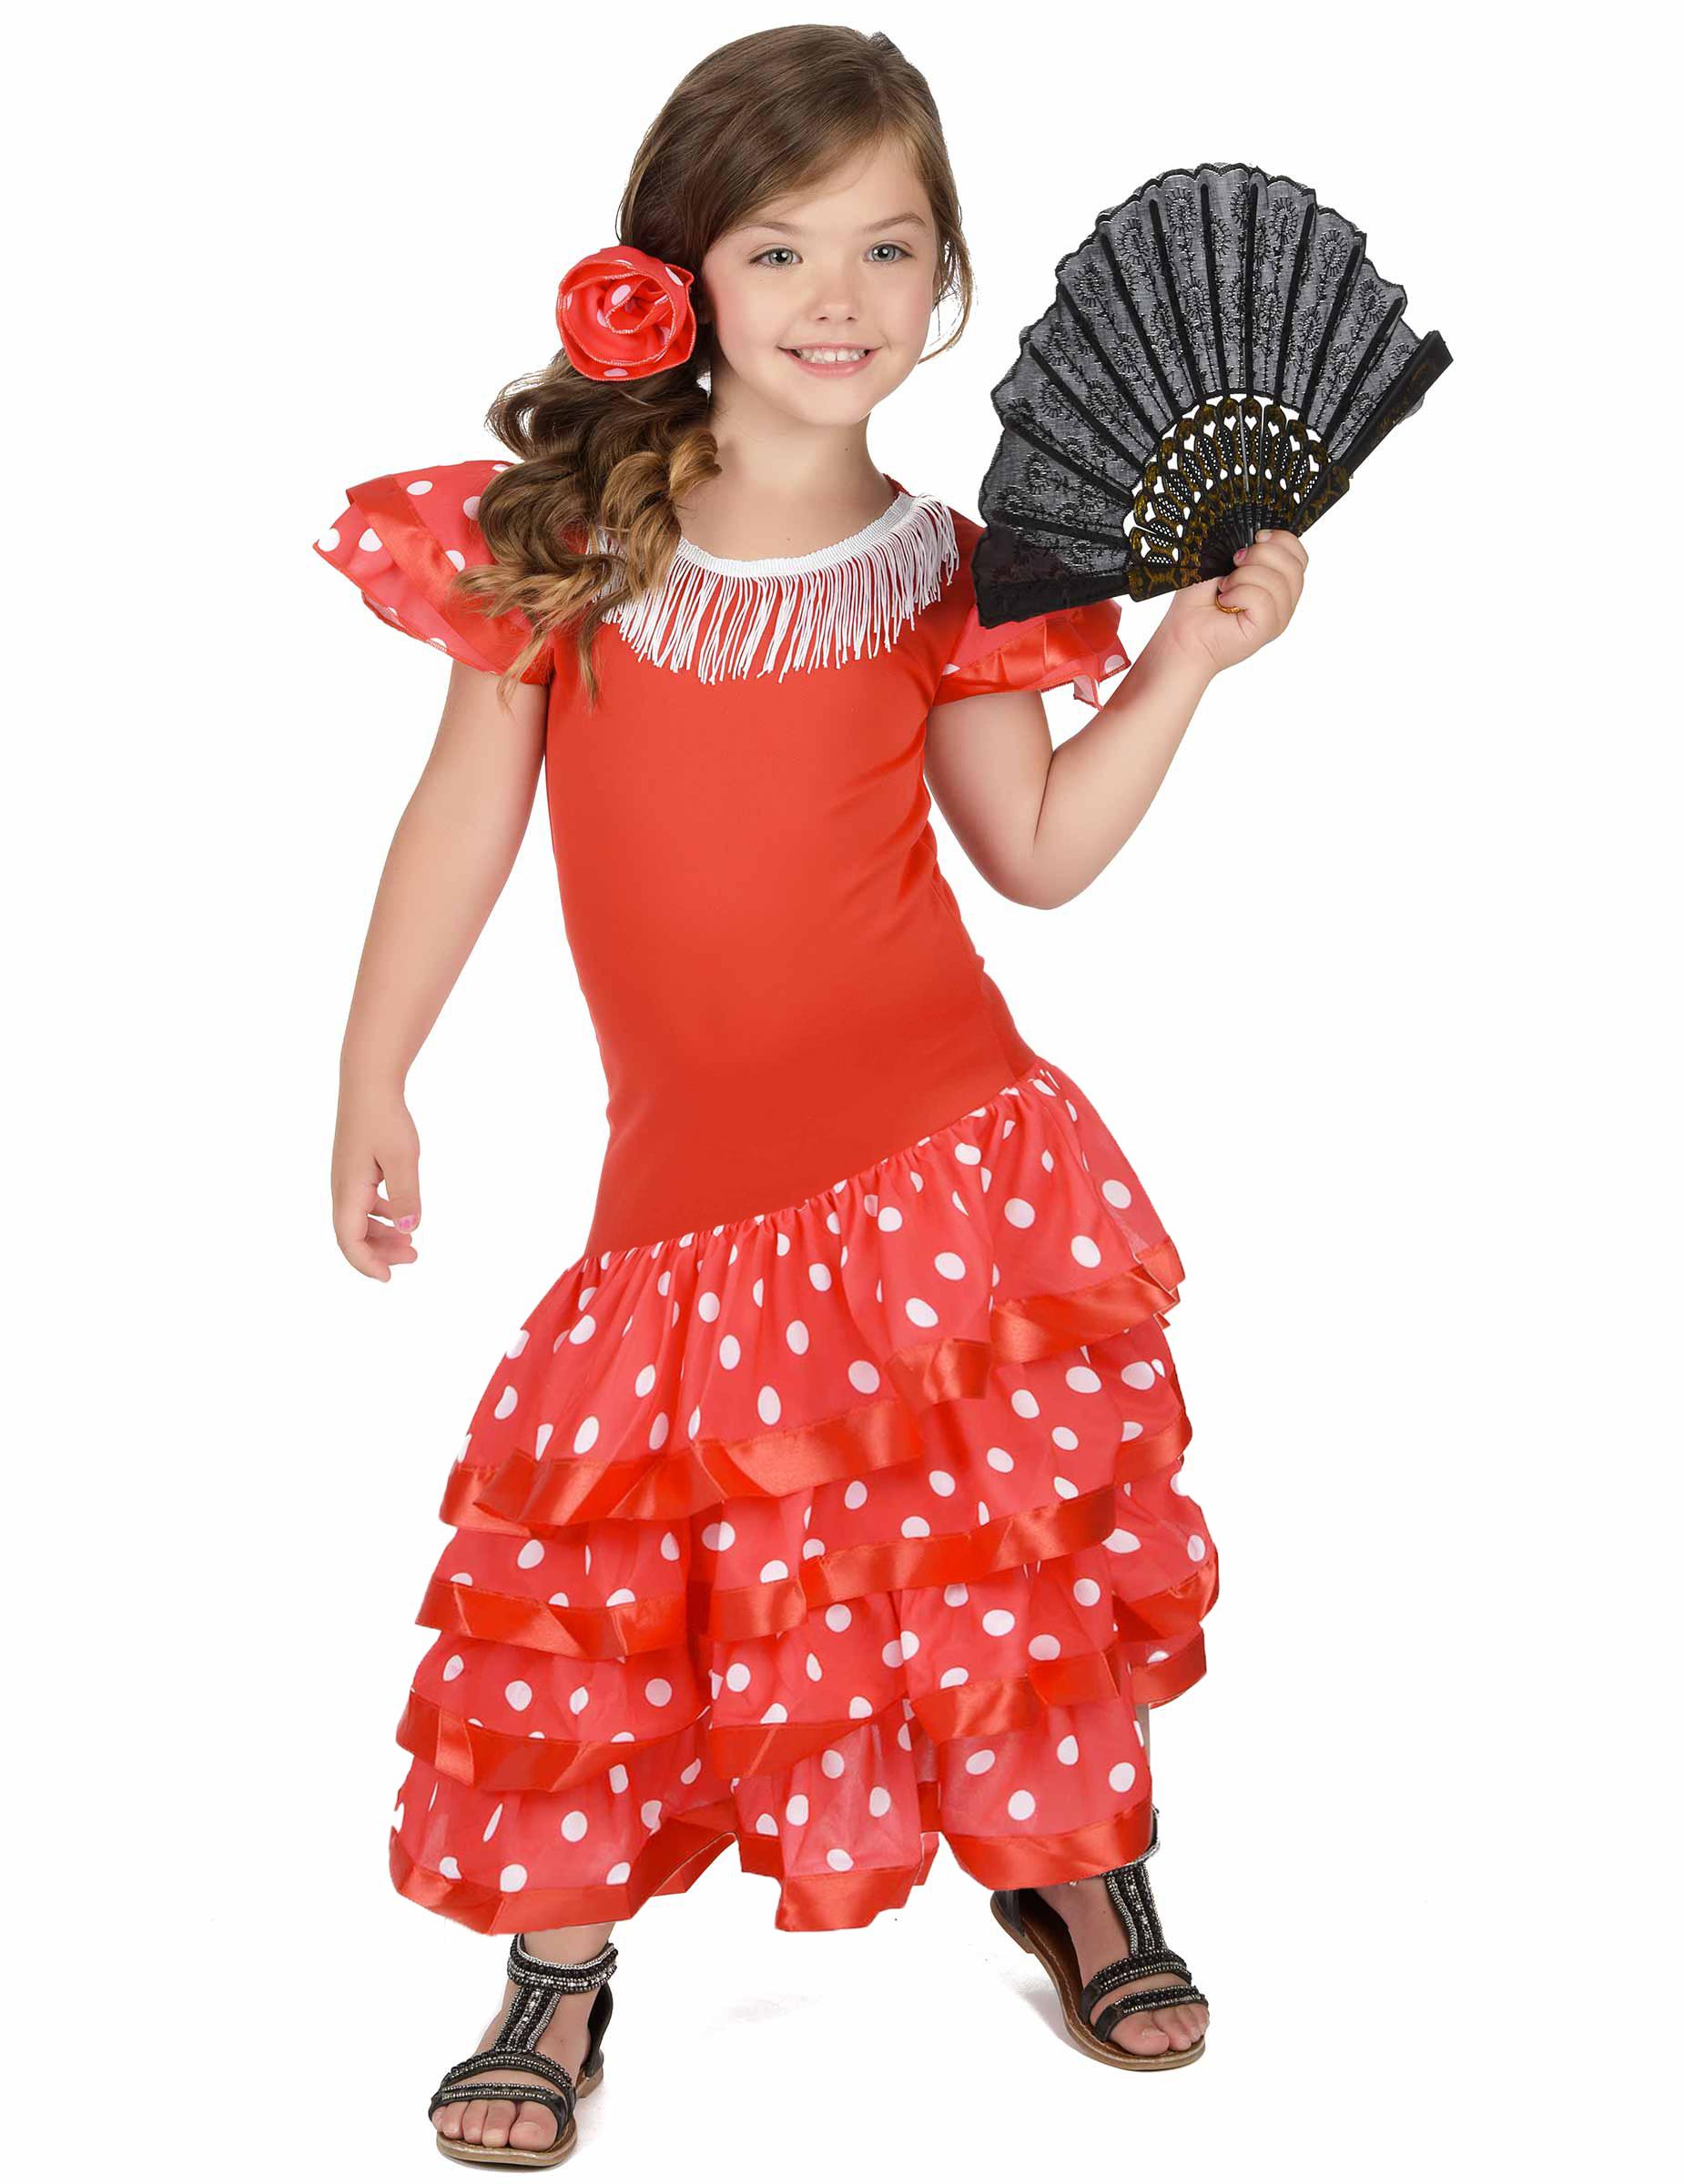 08021098633f4 Déguisement Danseuse Flamenco Rouge à Pois Blanc Fille